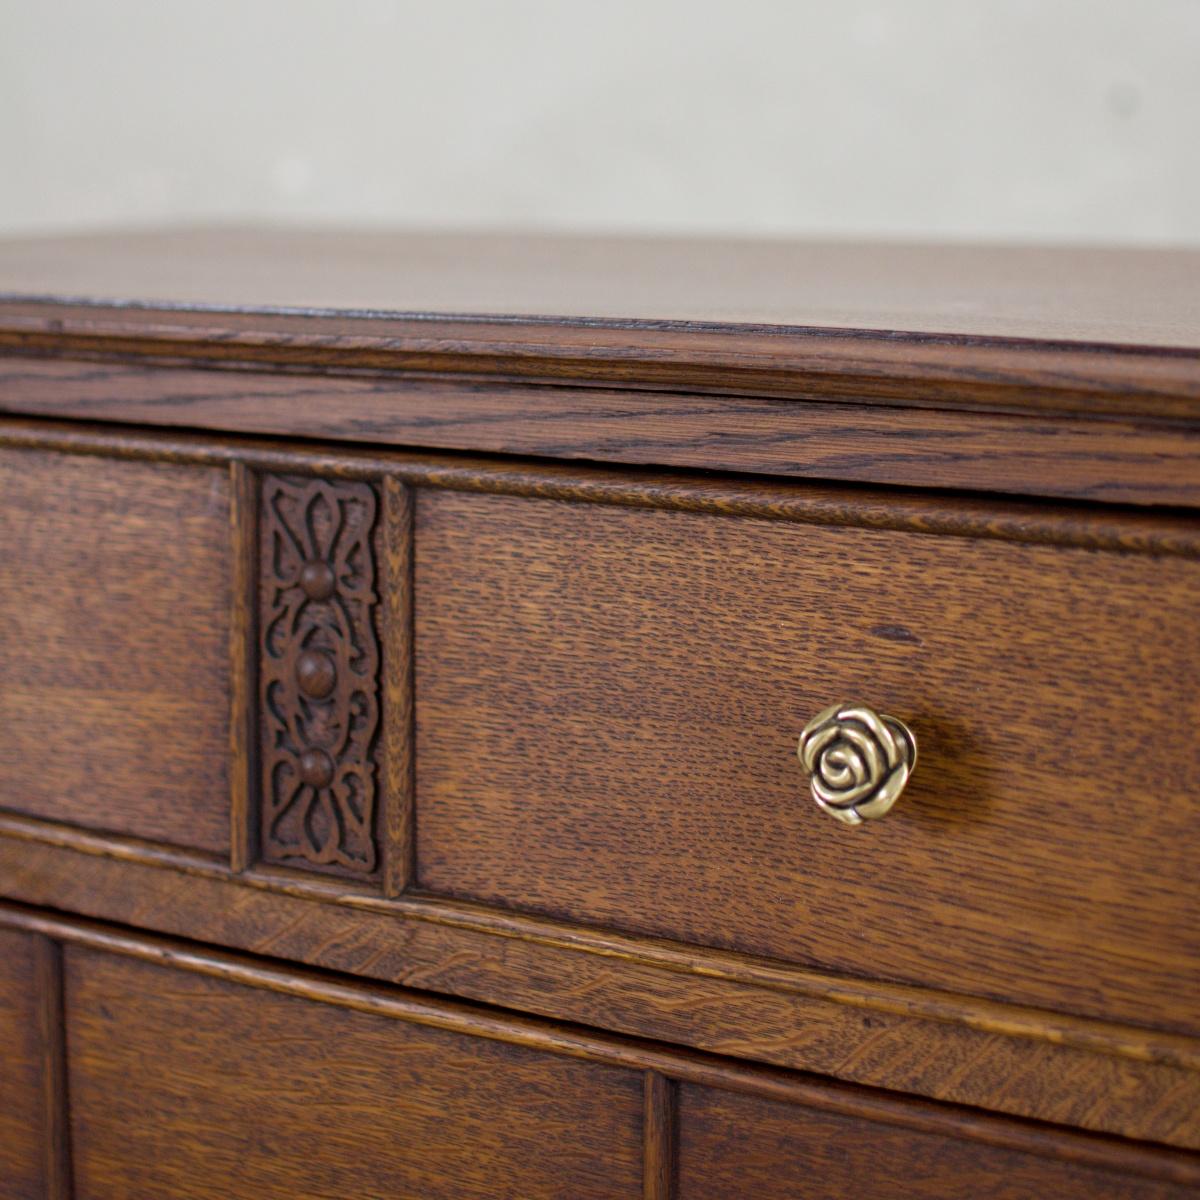 Prodej anglického nábytku Praha Anglický příborník